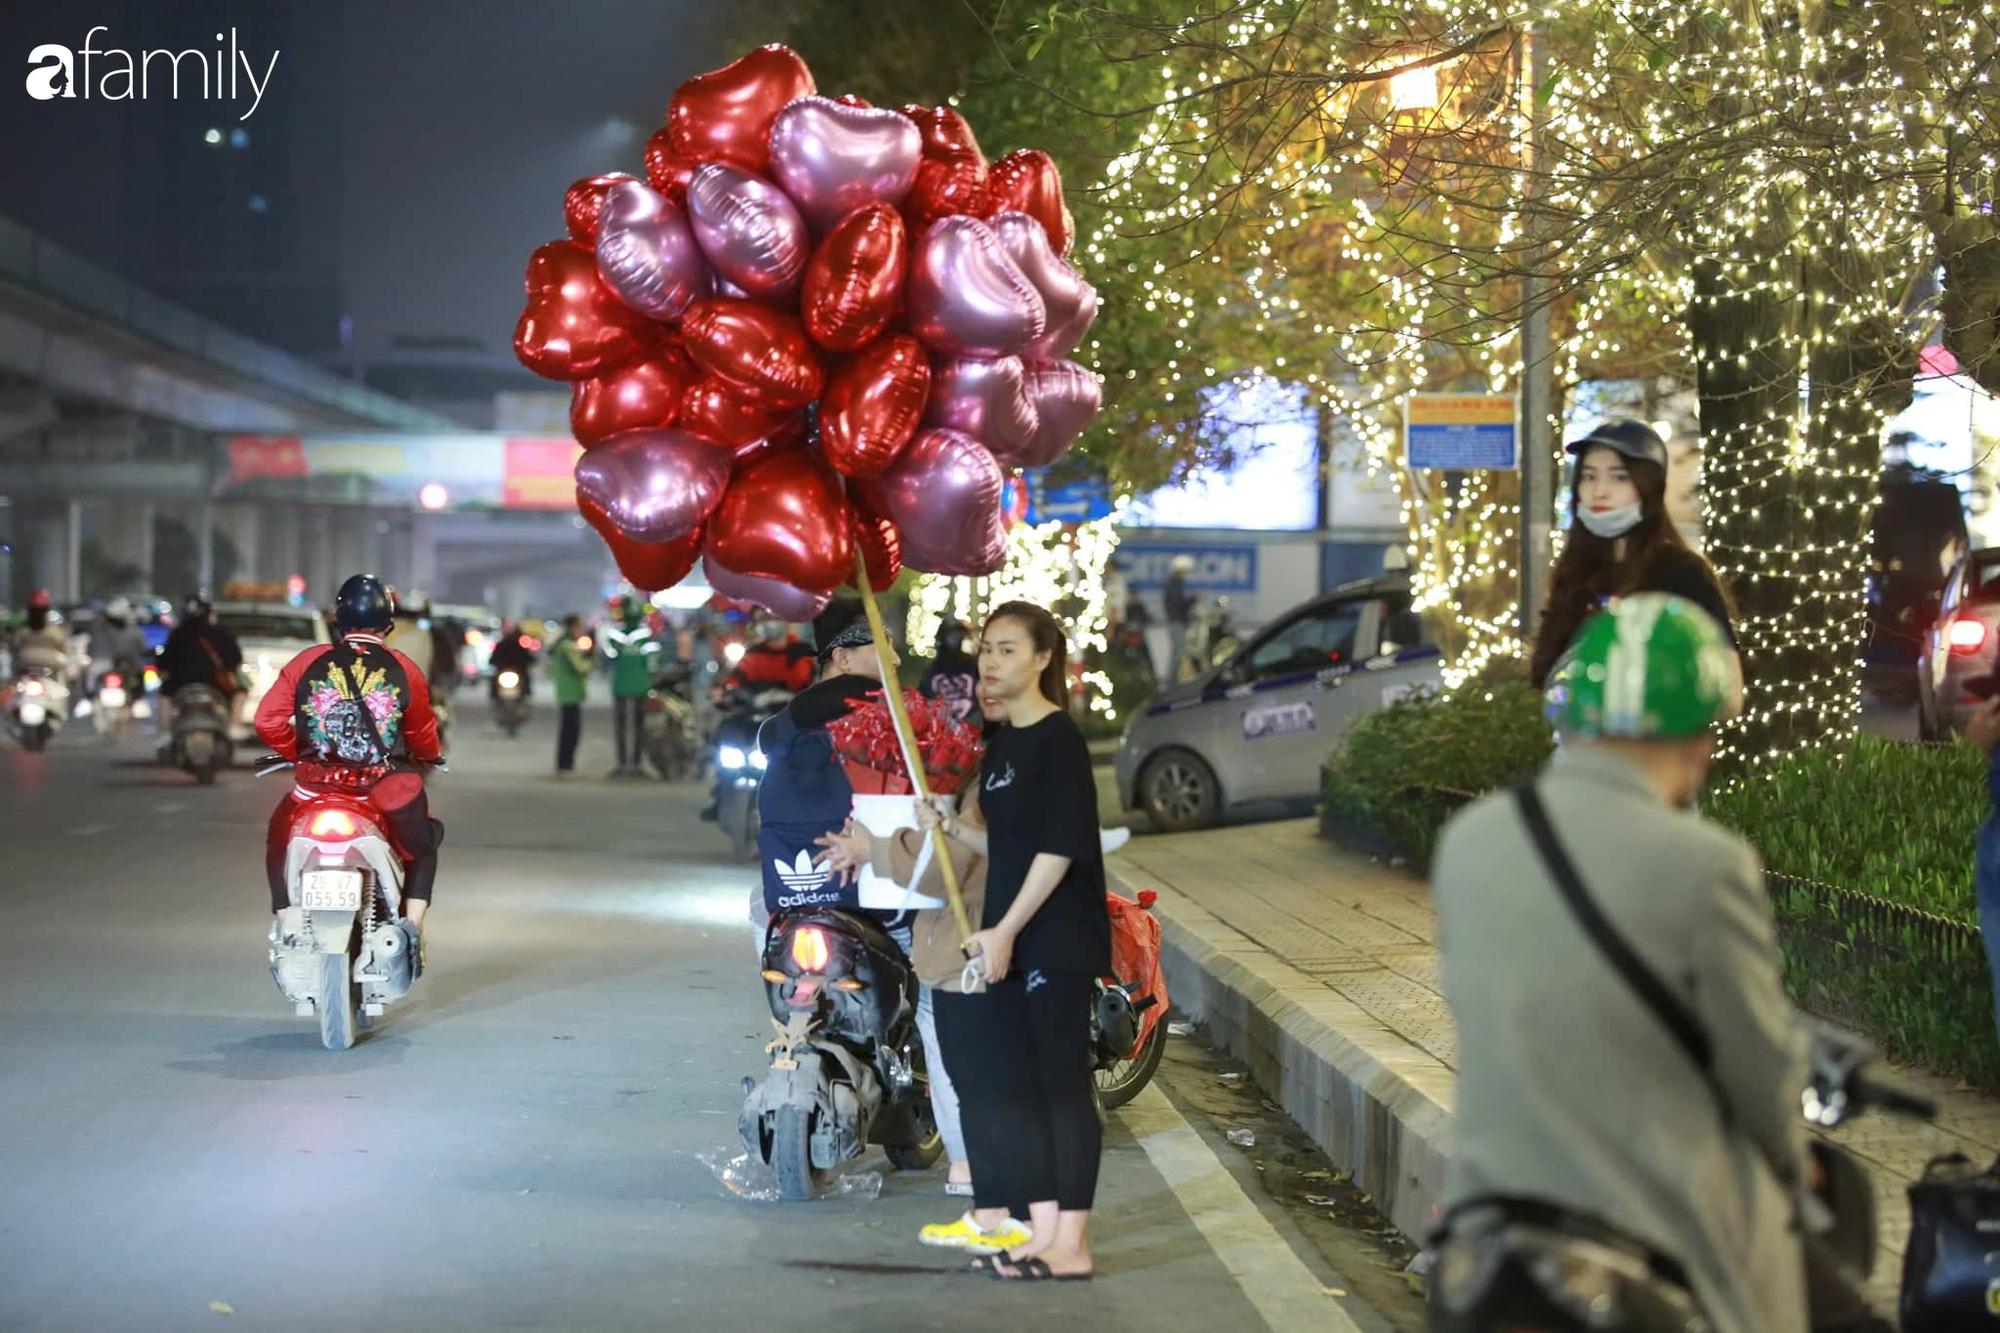 Valentine Hà Nội - Sài Gòn vắng vẻ đìu hiu vì dịch Corona, từ trung tâm thương mại đến phố phường đều ít bóng tình nhân đi chơi - Ảnh 4.